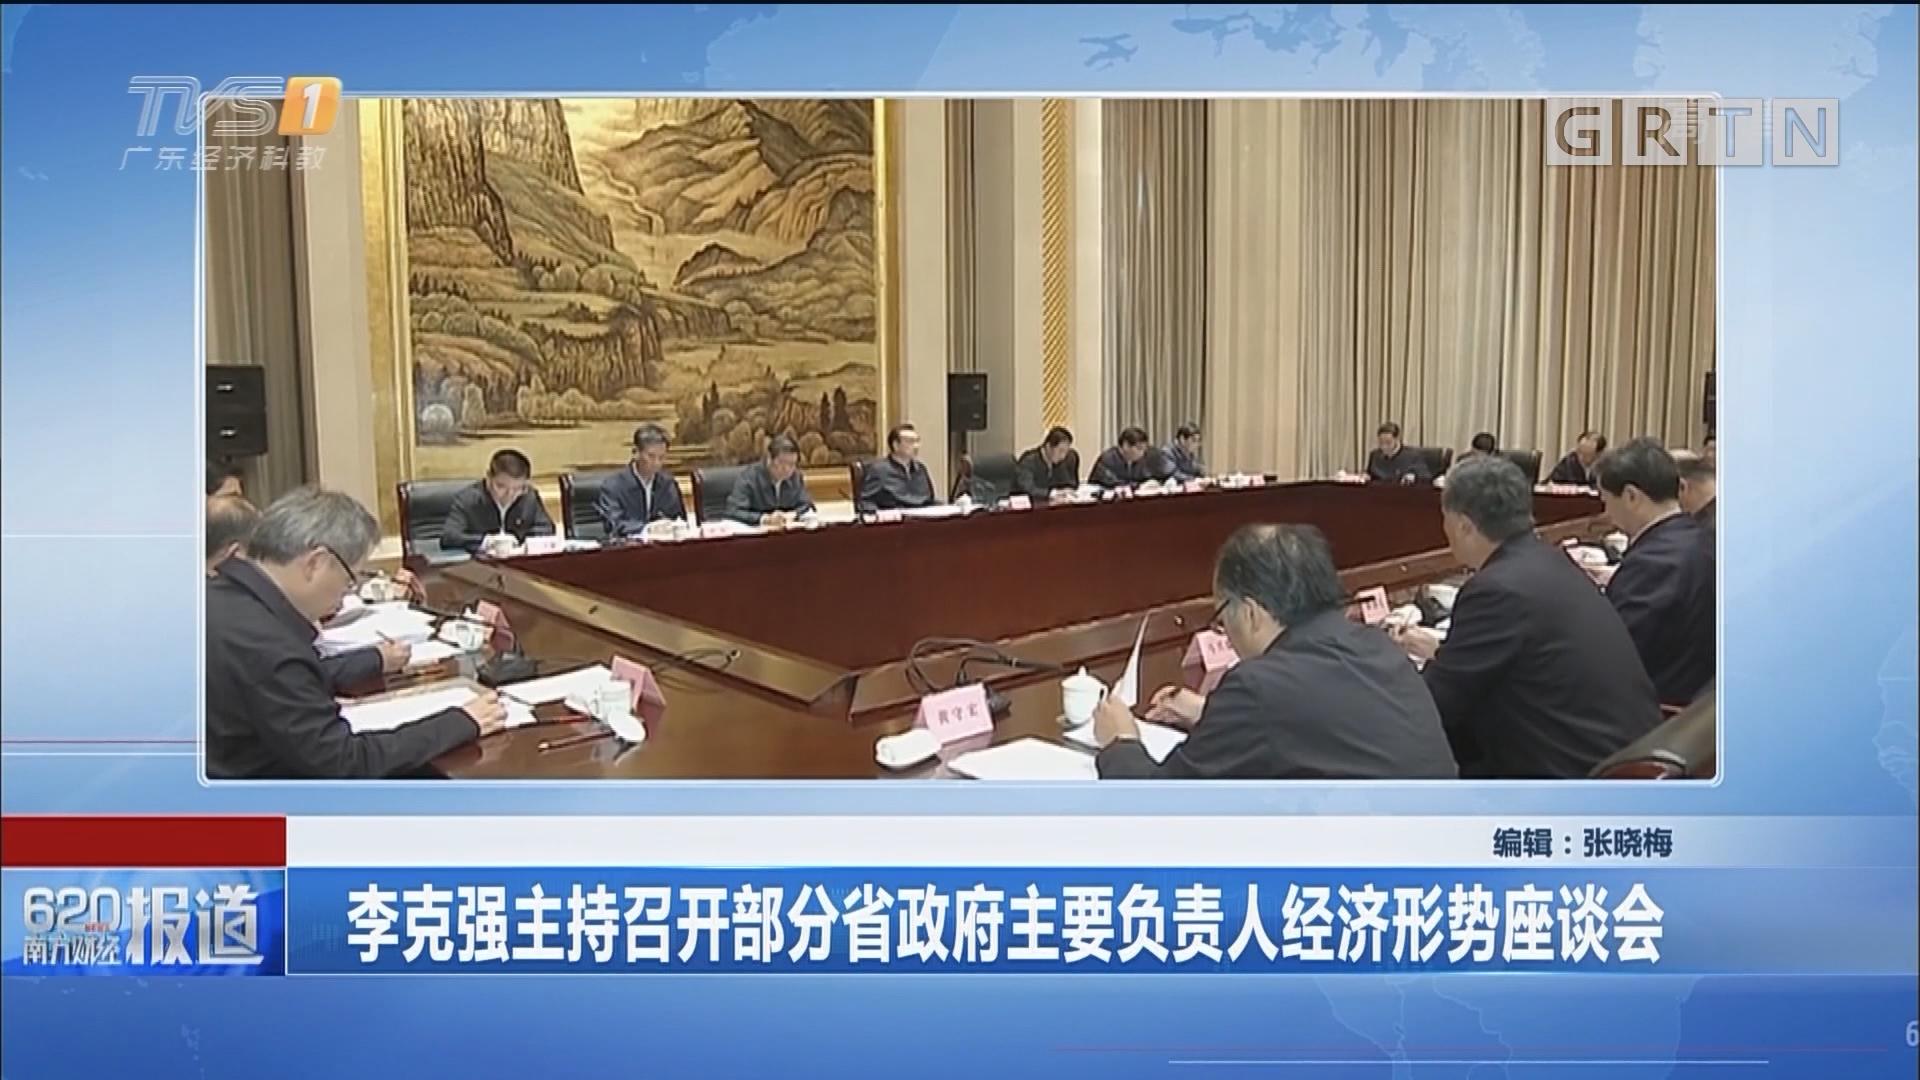 李克强主持召开部分省政府主要负责人经济形势座谈会